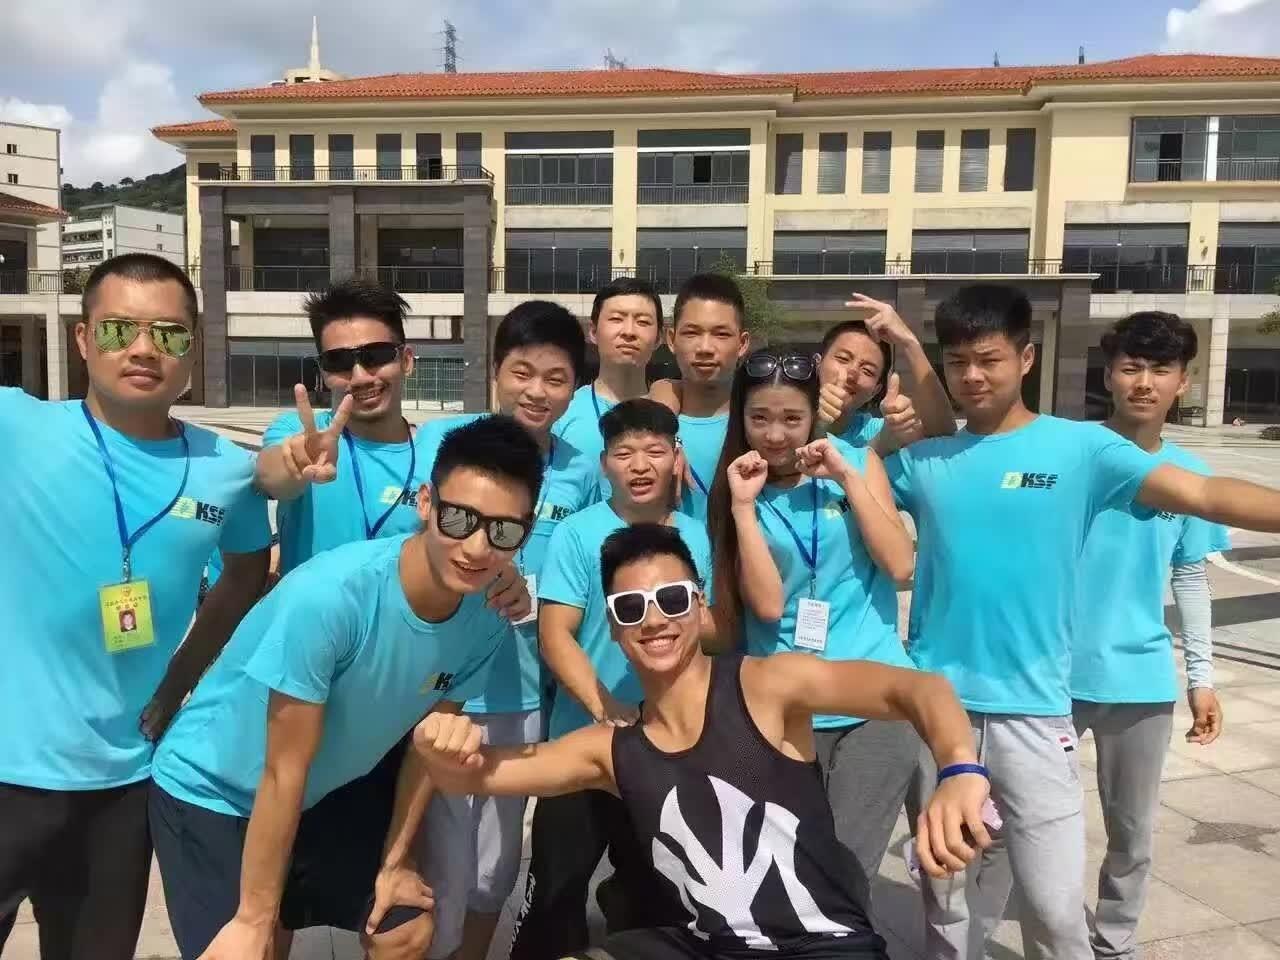 健身学徒_启航浩之沙健身学院招聘信息